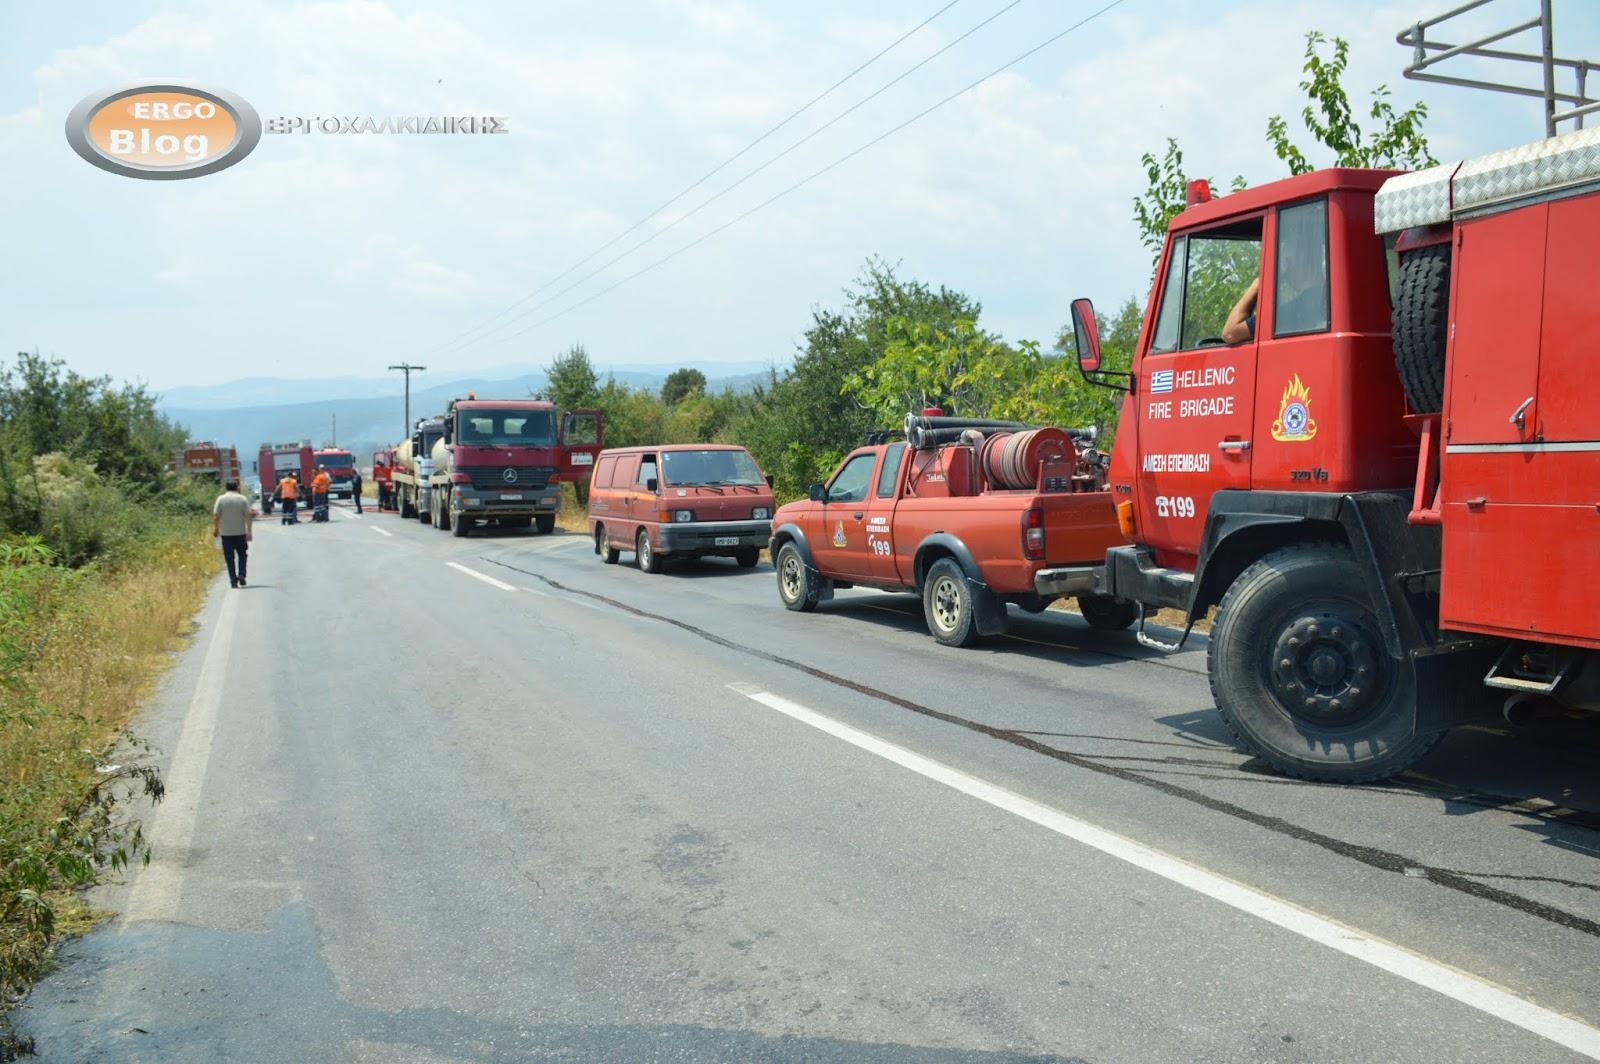 ΥΨΗΛΟΣ κίνδυνος πυρκαγιάς για αύριο Σάββατο στο Δήμο Αριστοτέλη